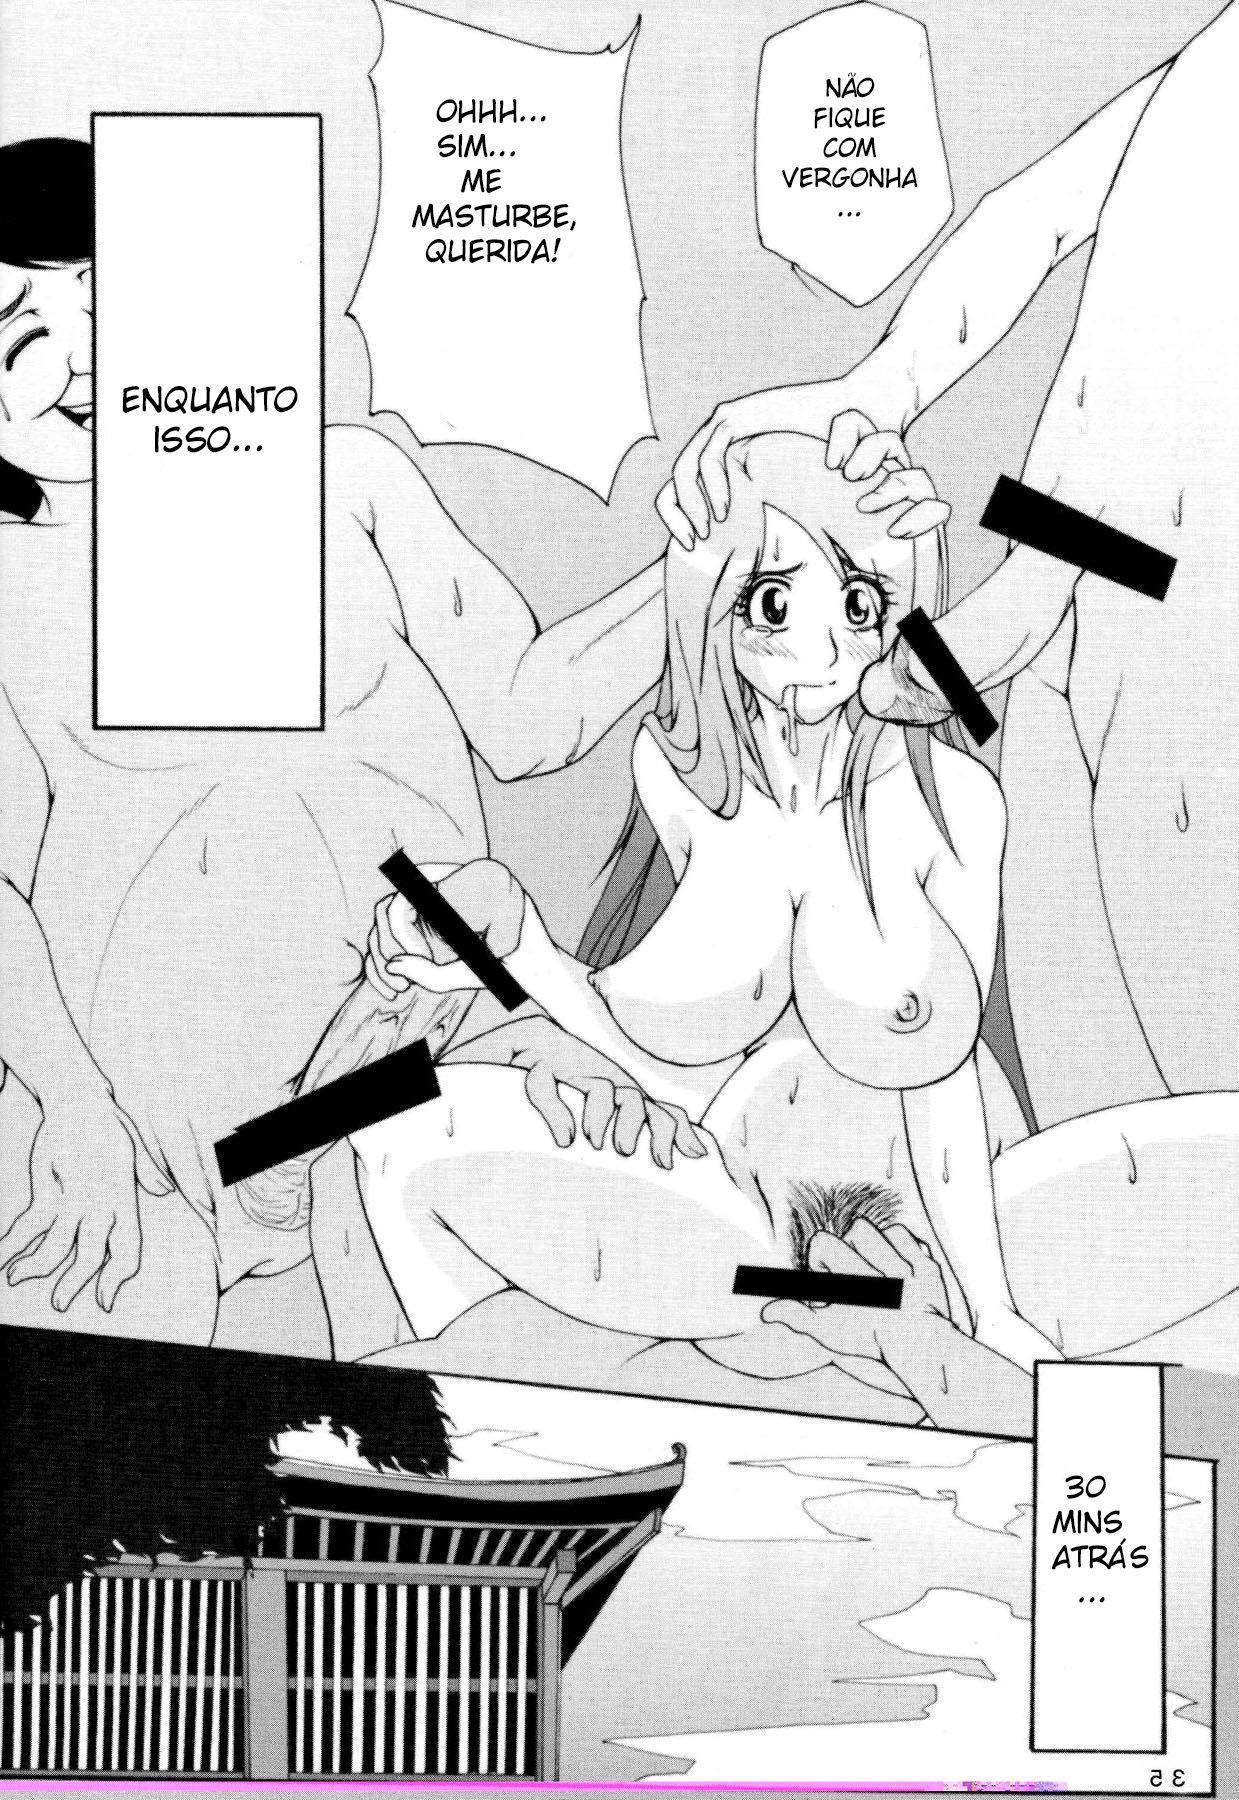 Jinta-garoto-virgem-pervertido-32